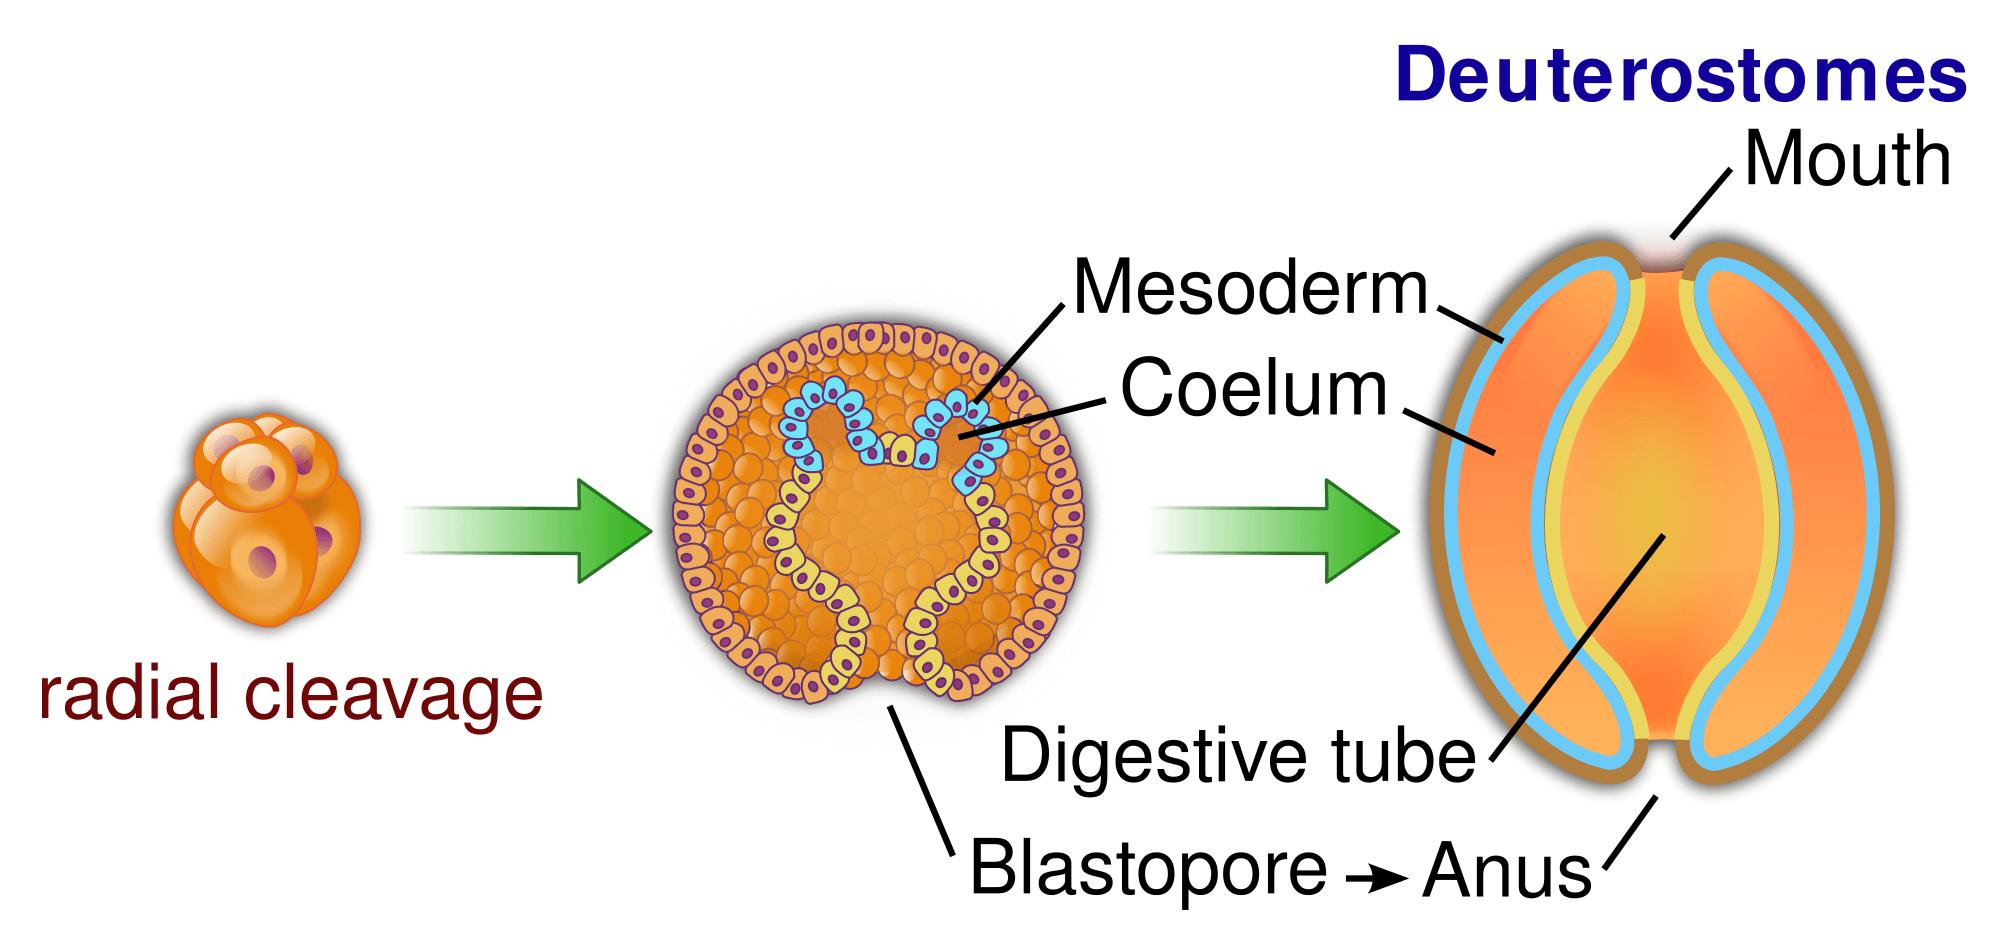 Radial cleavage in deuterostomes